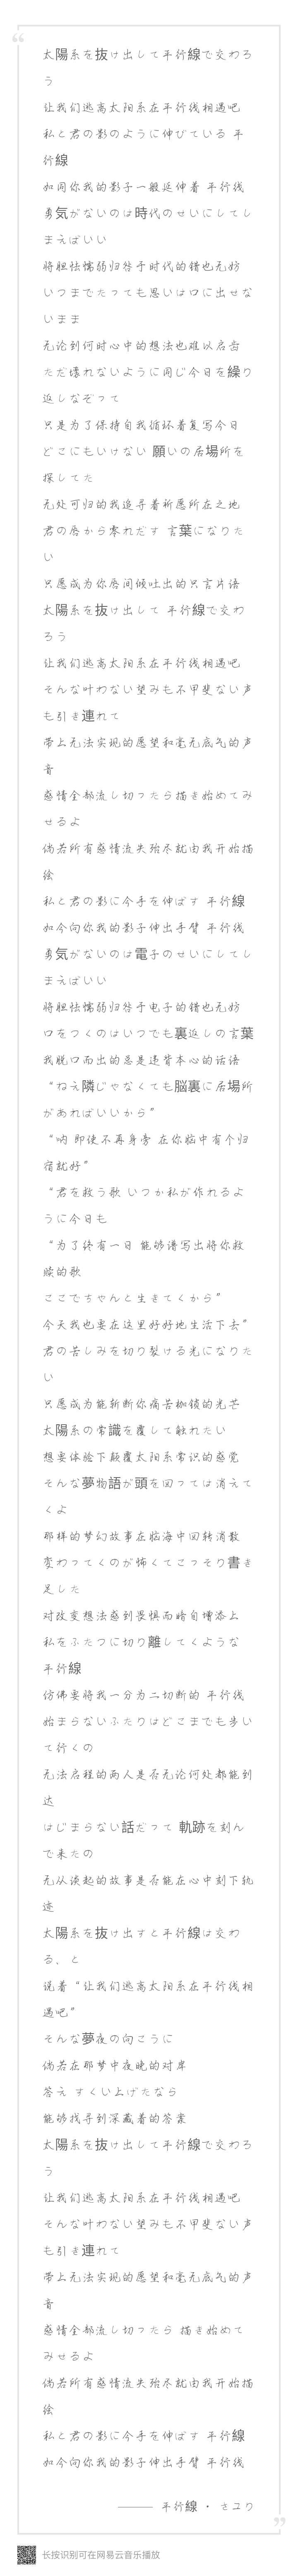 【音乐】平行線,2014上海动漫展10月